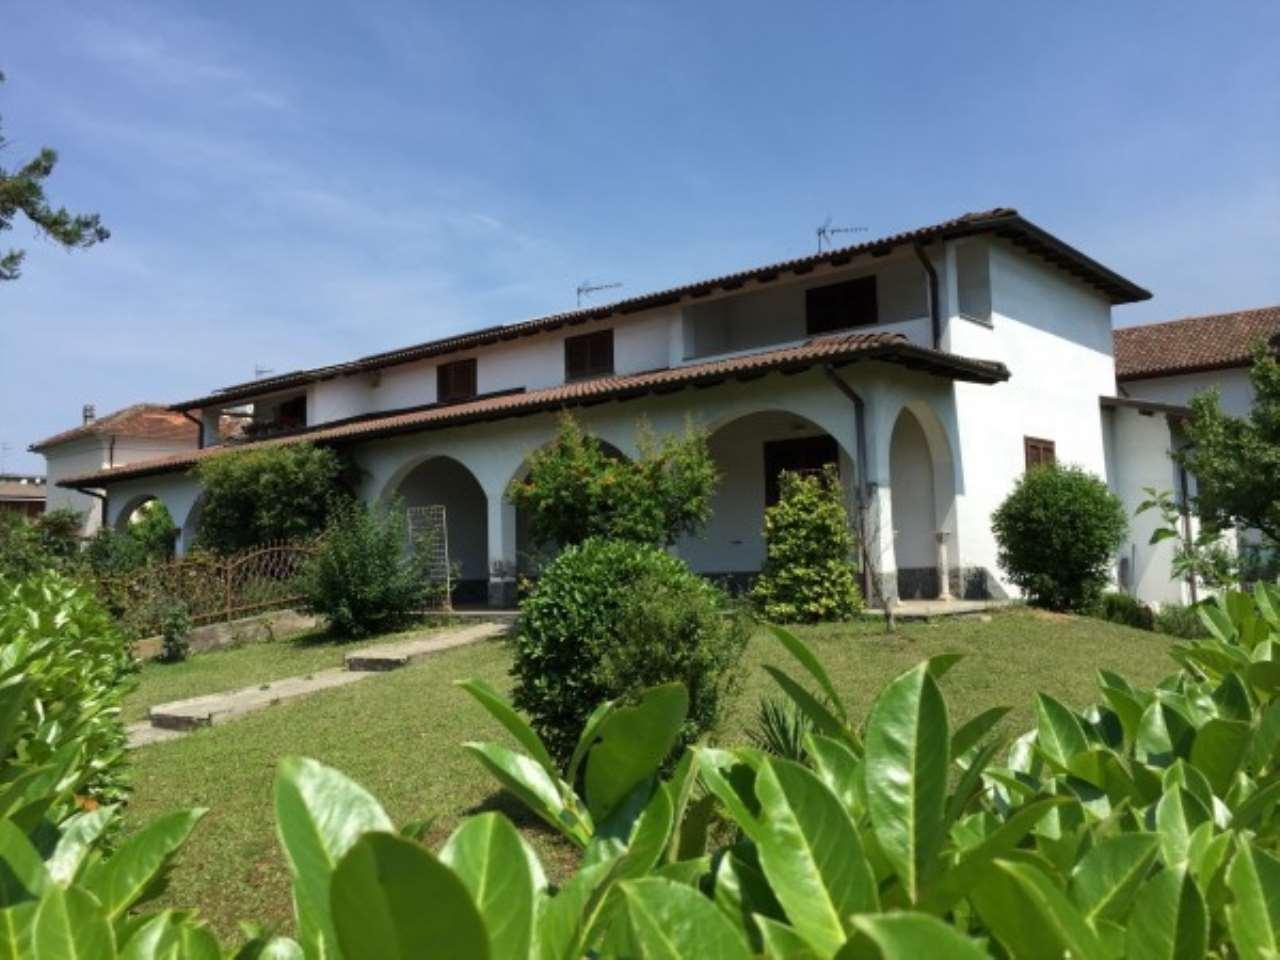 Villa in vendita a Novi Ligure, 6 locali, prezzo € 350.000 | Cambio Casa.it